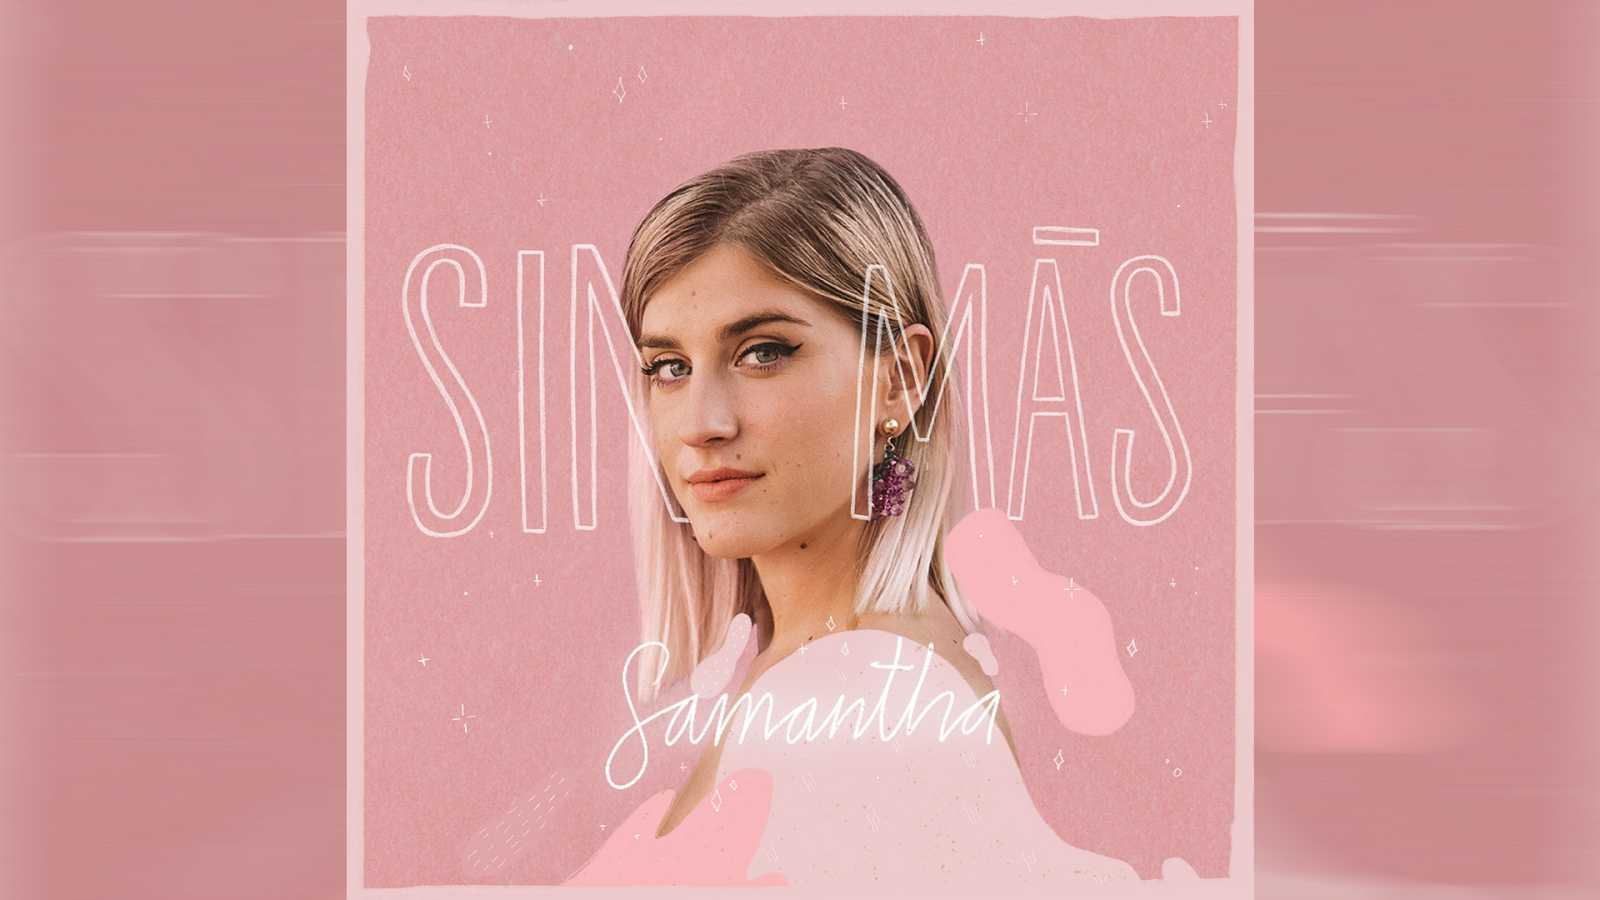 """Portada de """"Sin más"""", el primer single de Samantha"""